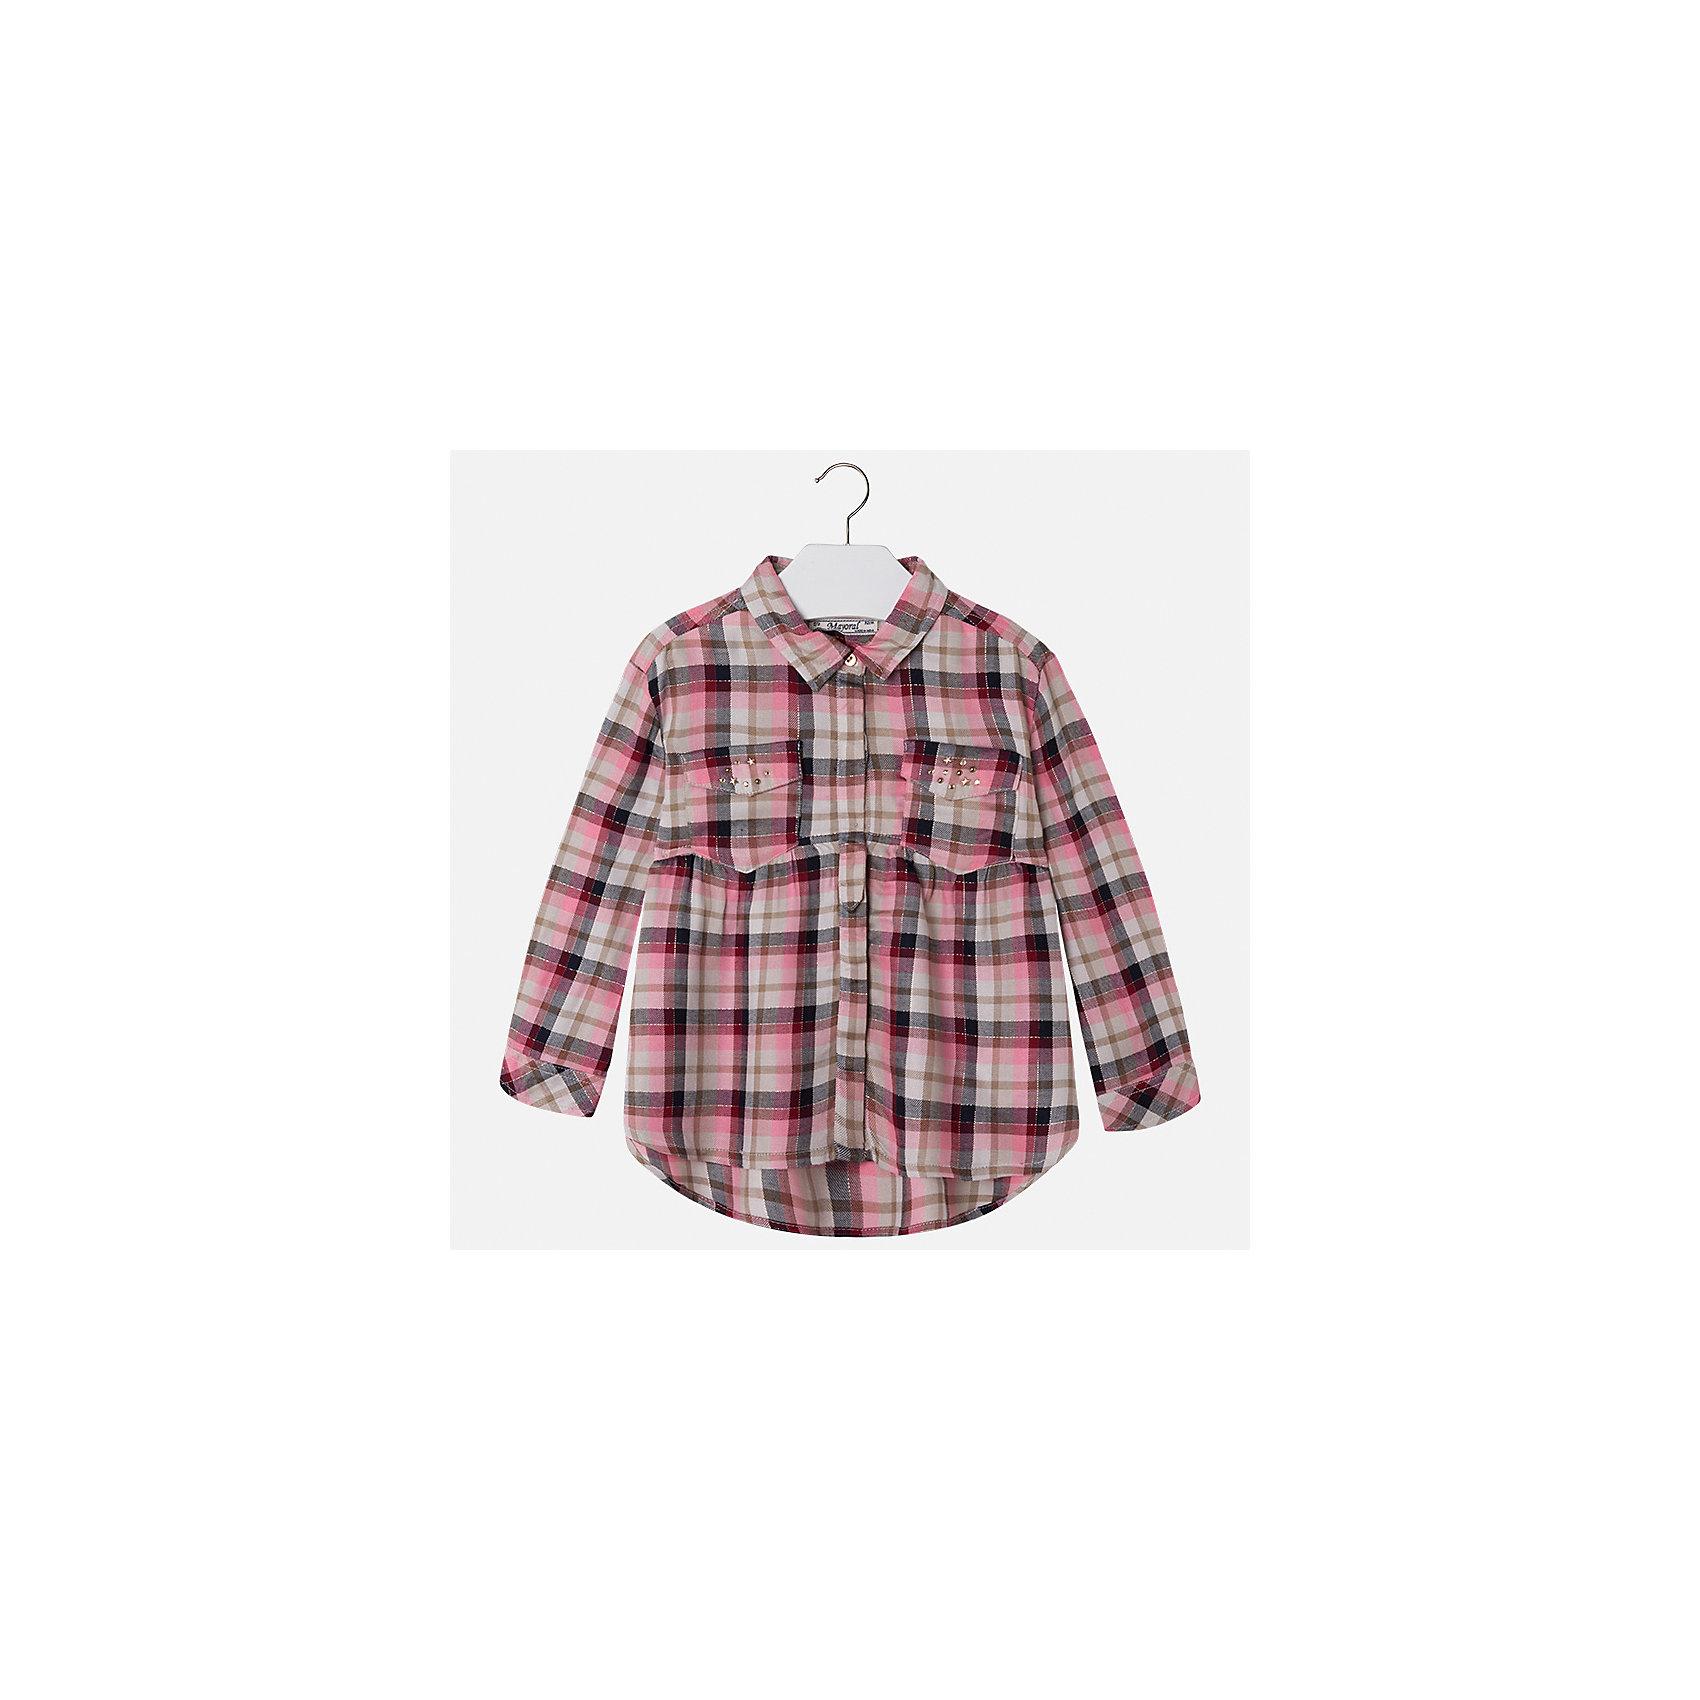 Рубашка Mayoral для девочкиБлузки и рубашки<br>Характеристики товара:<br><br>• цвет: красный<br>• состав ткани: 100% вискоза<br>• сезон: круглый год<br>• застежка: пуговицы<br>• стразы<br>• длинные рукава<br>• страна бренда: Испания<br>• страна изготовитель: Индия<br><br>Стильная блузка от Майорал - это пример отличного вкуса. Она сделана из легкого дышащего материала. Эта блузка для девочки обеспечит ребенку комфорт и модный внешний вид. <br><br>В одежде от испанской компании Майорал ребенок будет выглядеть модно, а чувствовать себя - комфортно. Целая команда европейских талантливых дизайнеров работает над созданием стильных и оригинальных моделей одежды.<br><br>Блузку для девочки Mayoral (Майорал) можно купить в нашем интернет-магазине.<br><br>Ширина мм: 186<br>Глубина мм: 87<br>Высота мм: 198<br>Вес г: 197<br>Цвет: красный<br>Возраст от месяцев: 96<br>Возраст до месяцев: 108<br>Пол: Женский<br>Возраст: Детский<br>Размер: 134,104,110,116,122,128<br>SKU: 6923992